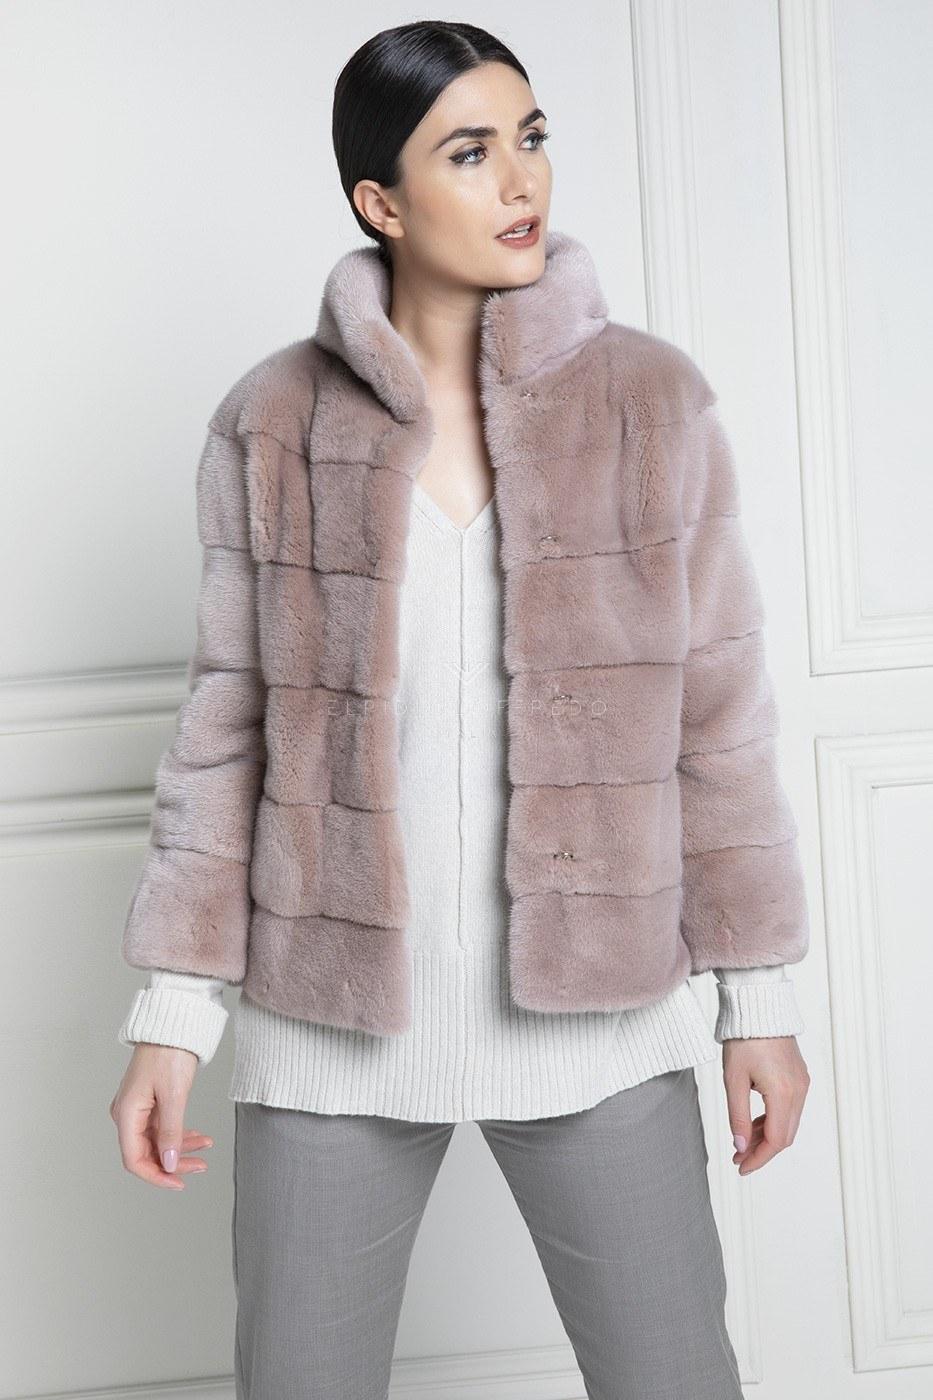 Жакет из Розовой Норки Kopenhagen Platinum Quality - Длина 65 см